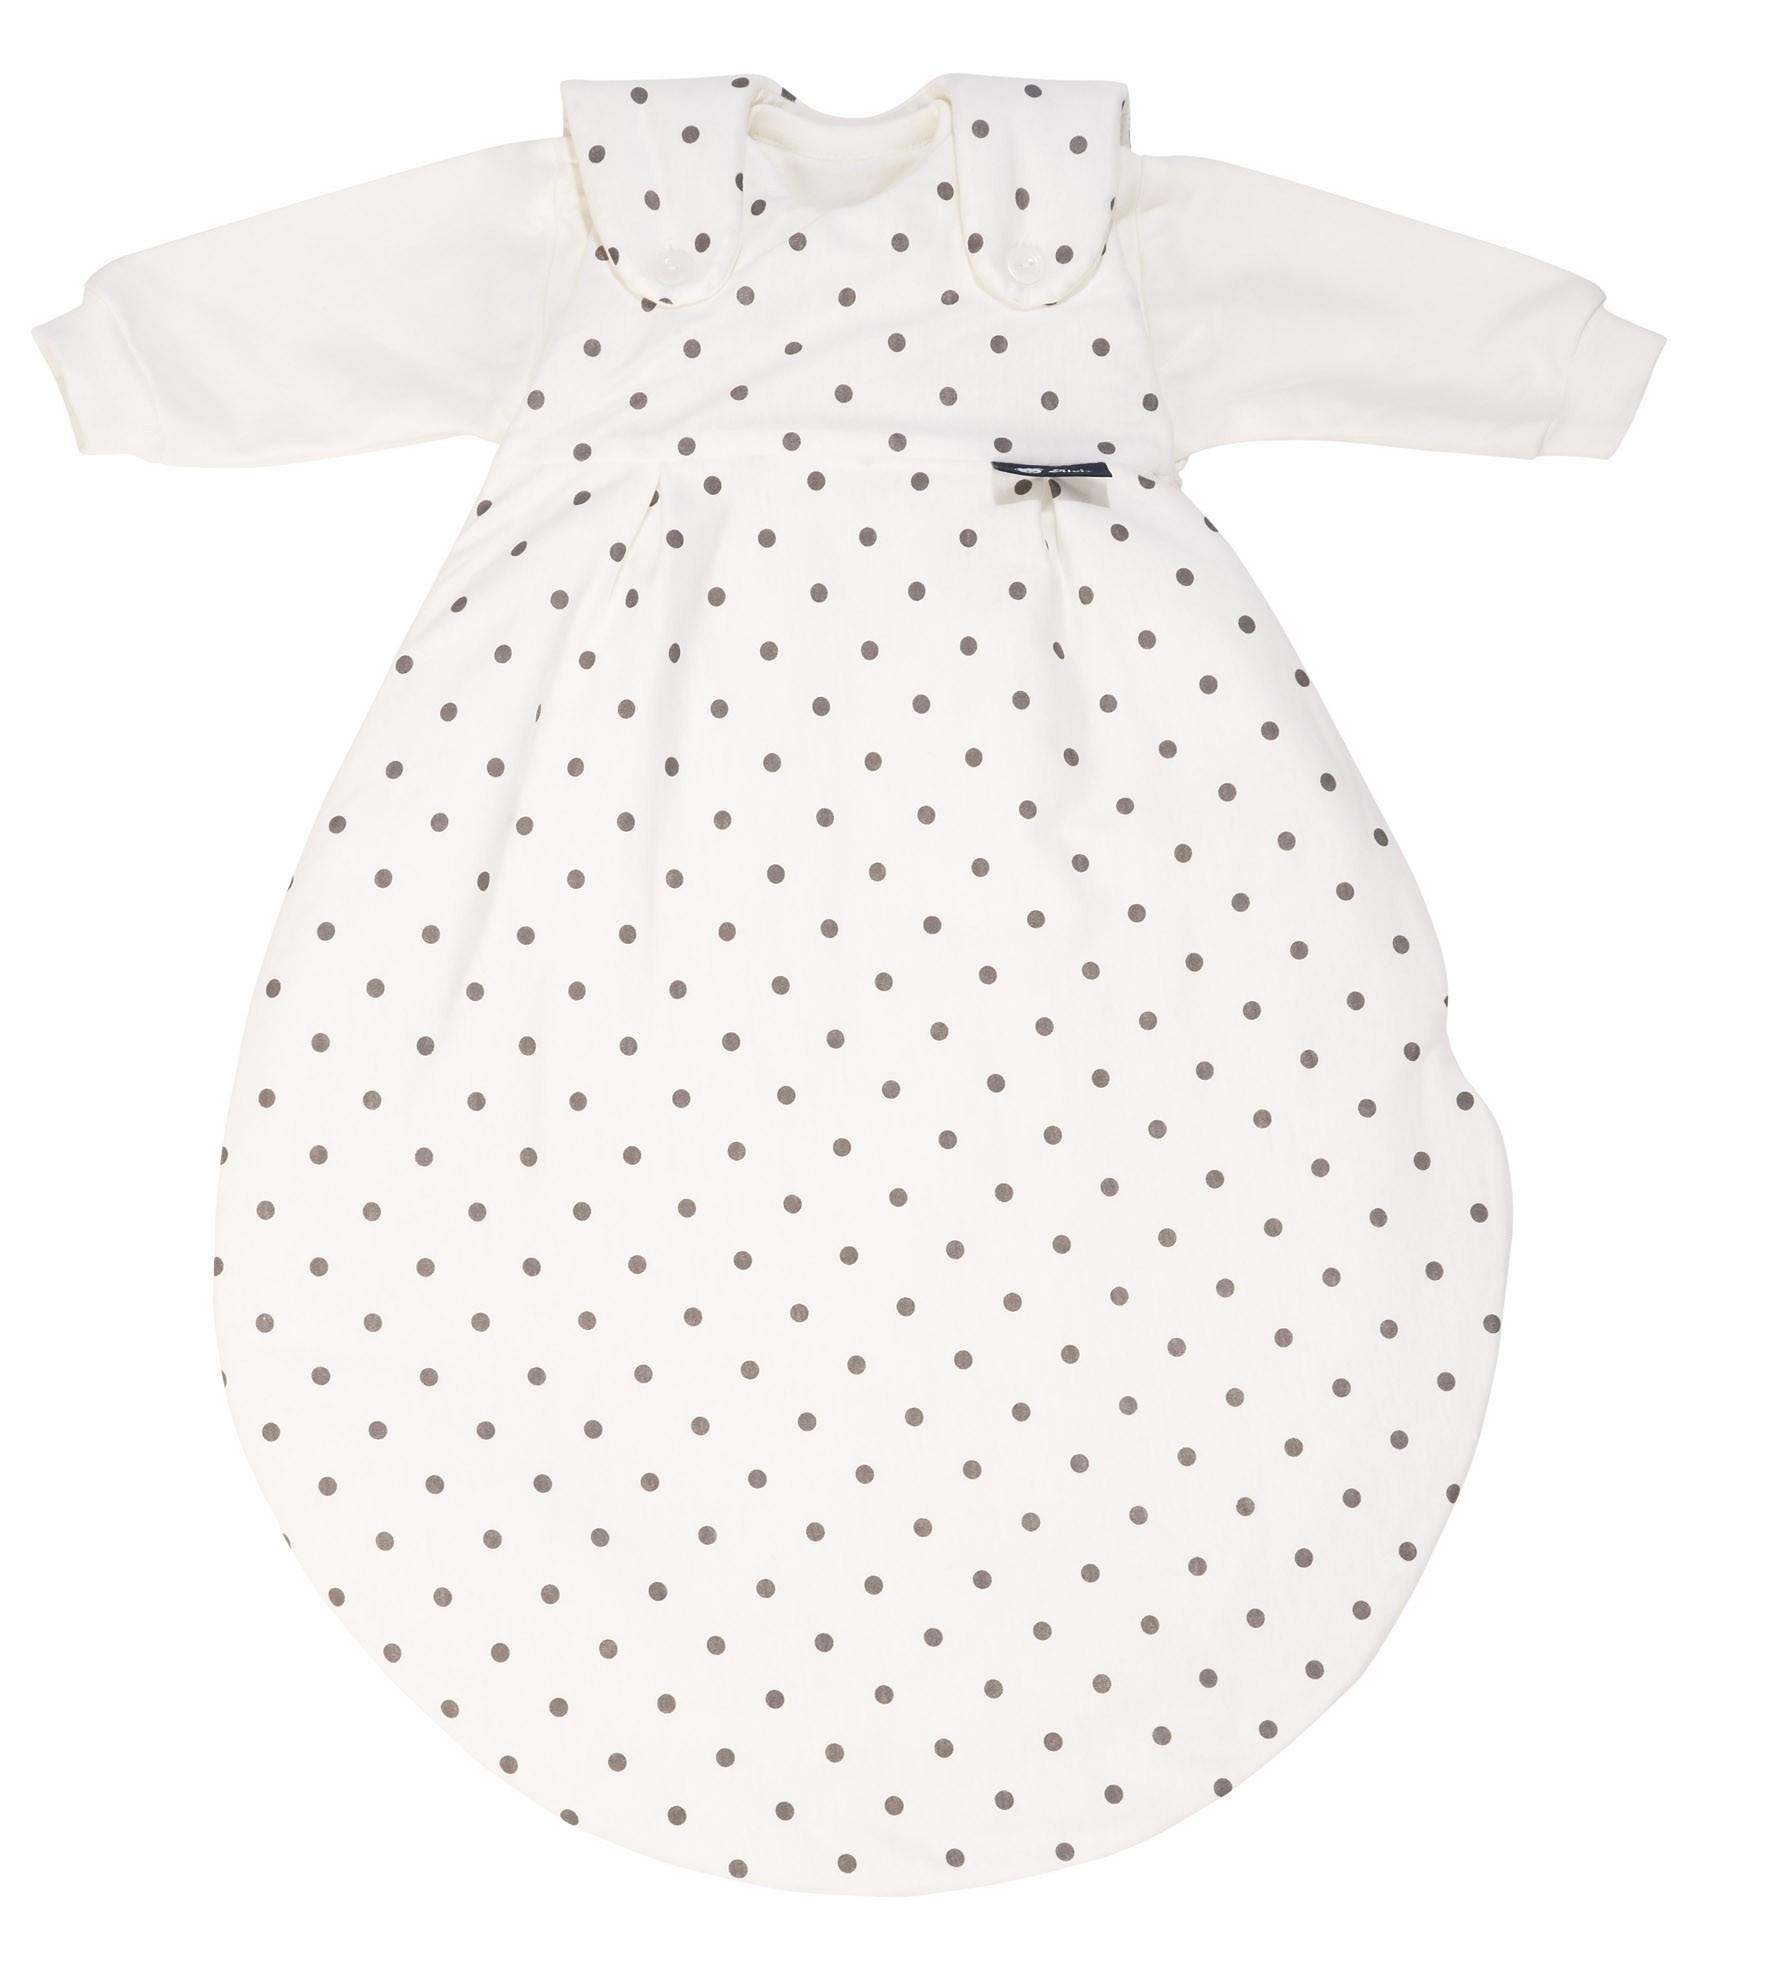 Alvi Baby Mäxchen Schlafsack 50/56 924-9 Dots grau